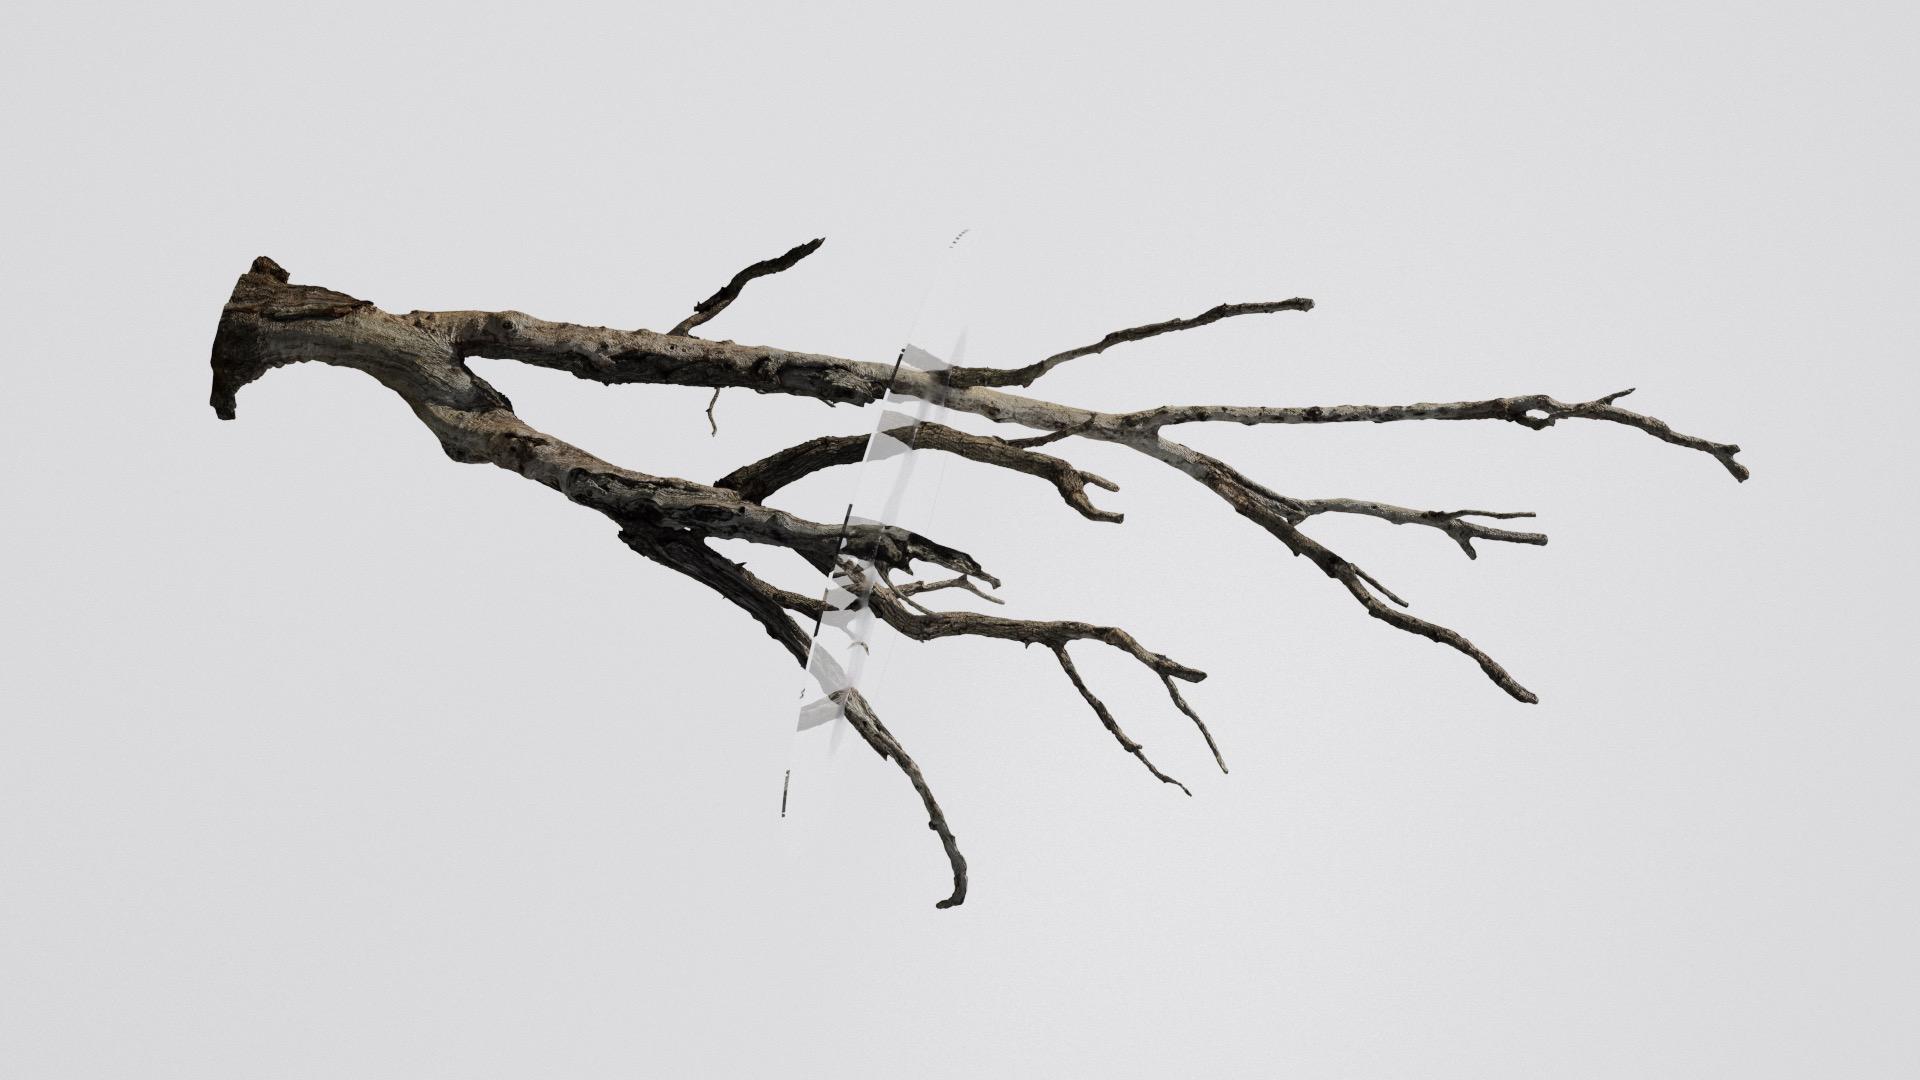 Tree Stump-10.Still_Main.0843.jpeg